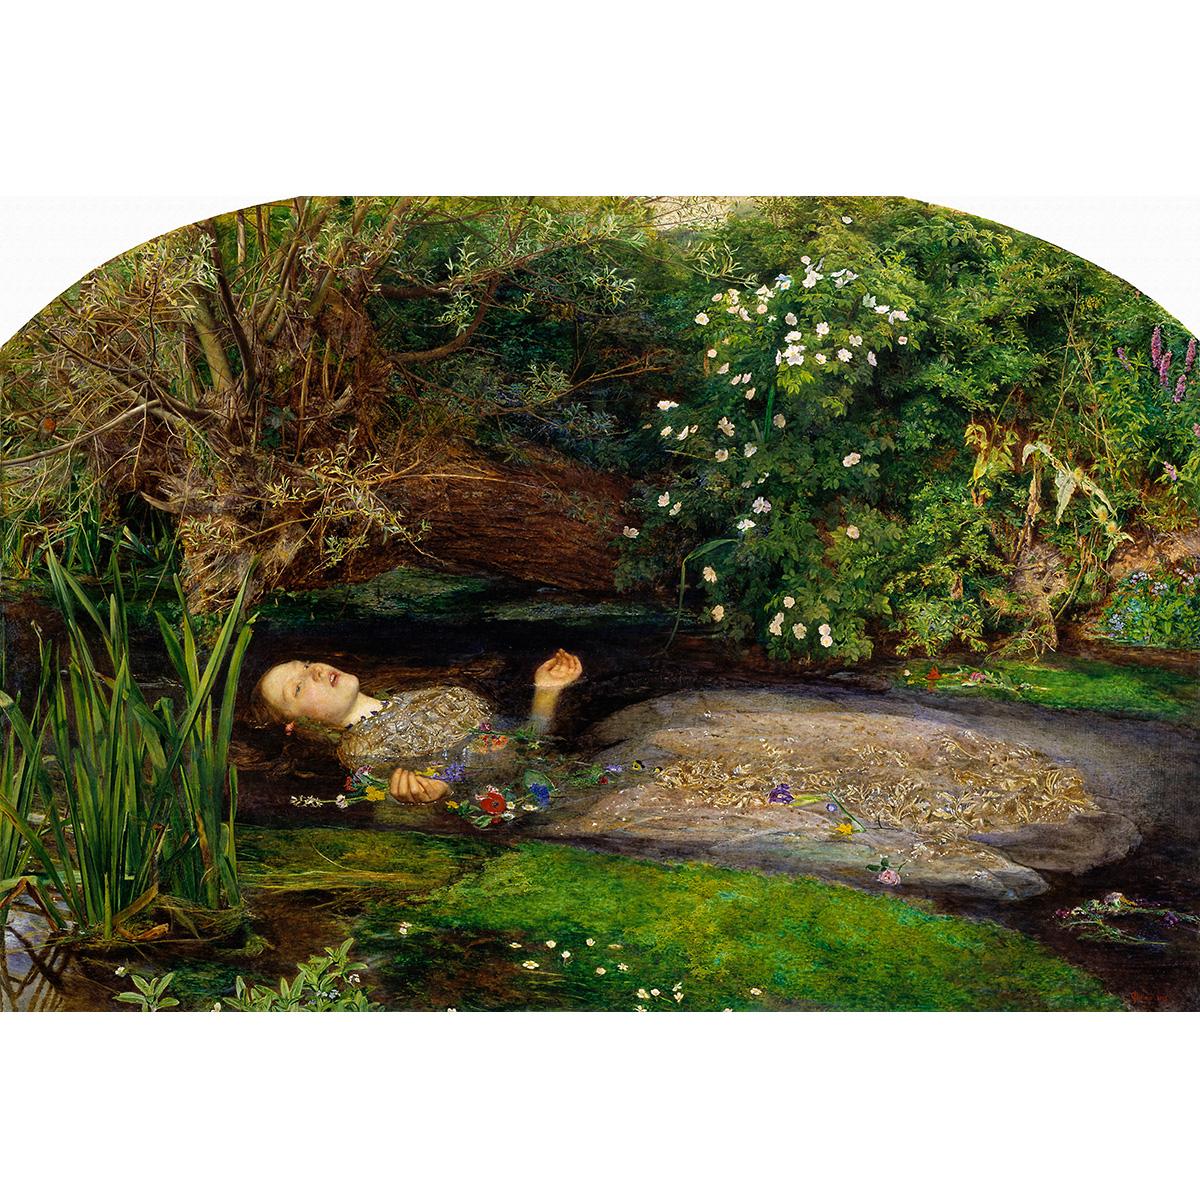 奥菲莉娅 水中的奥菲莉娅 油画 人物风景油画 居家室内装饰100-68